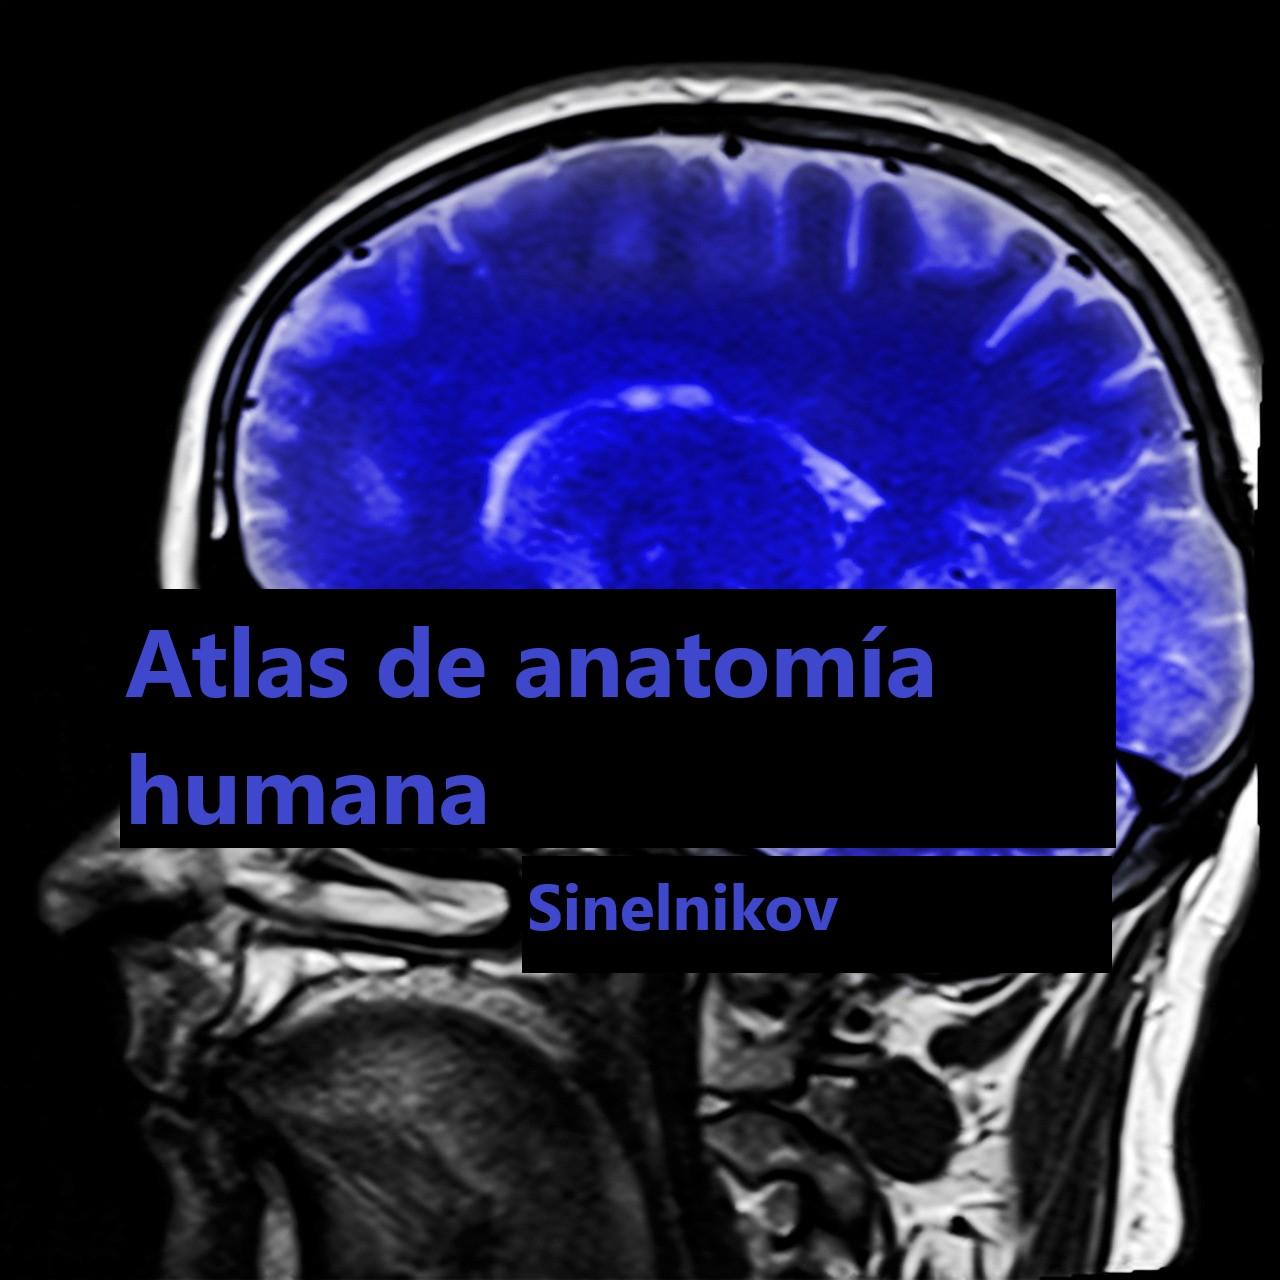 Descargar el libro Atlas of Human Anatomy de Sinelnikov, tomo III